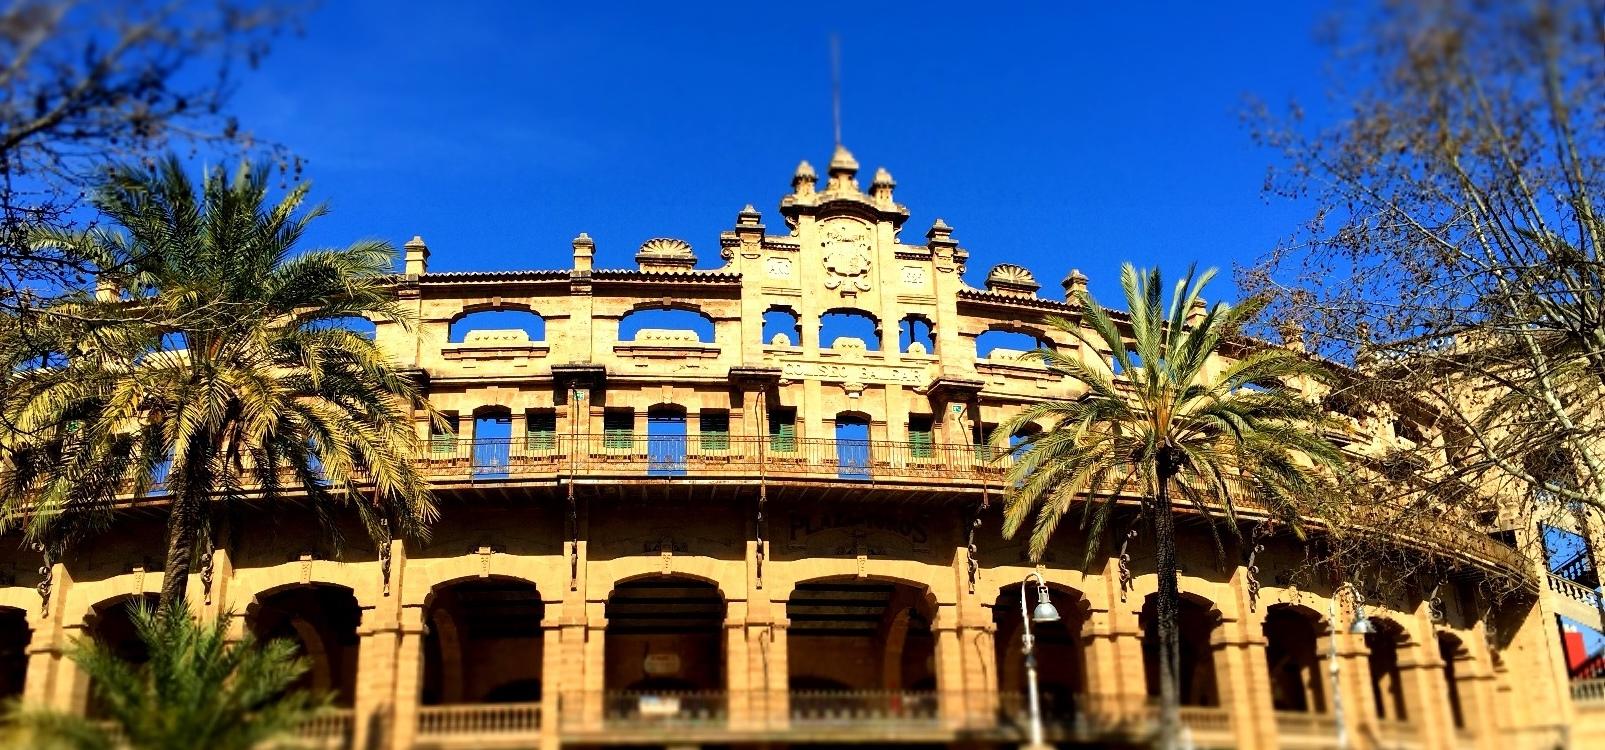 Die Bauwerke der Stadt Palma